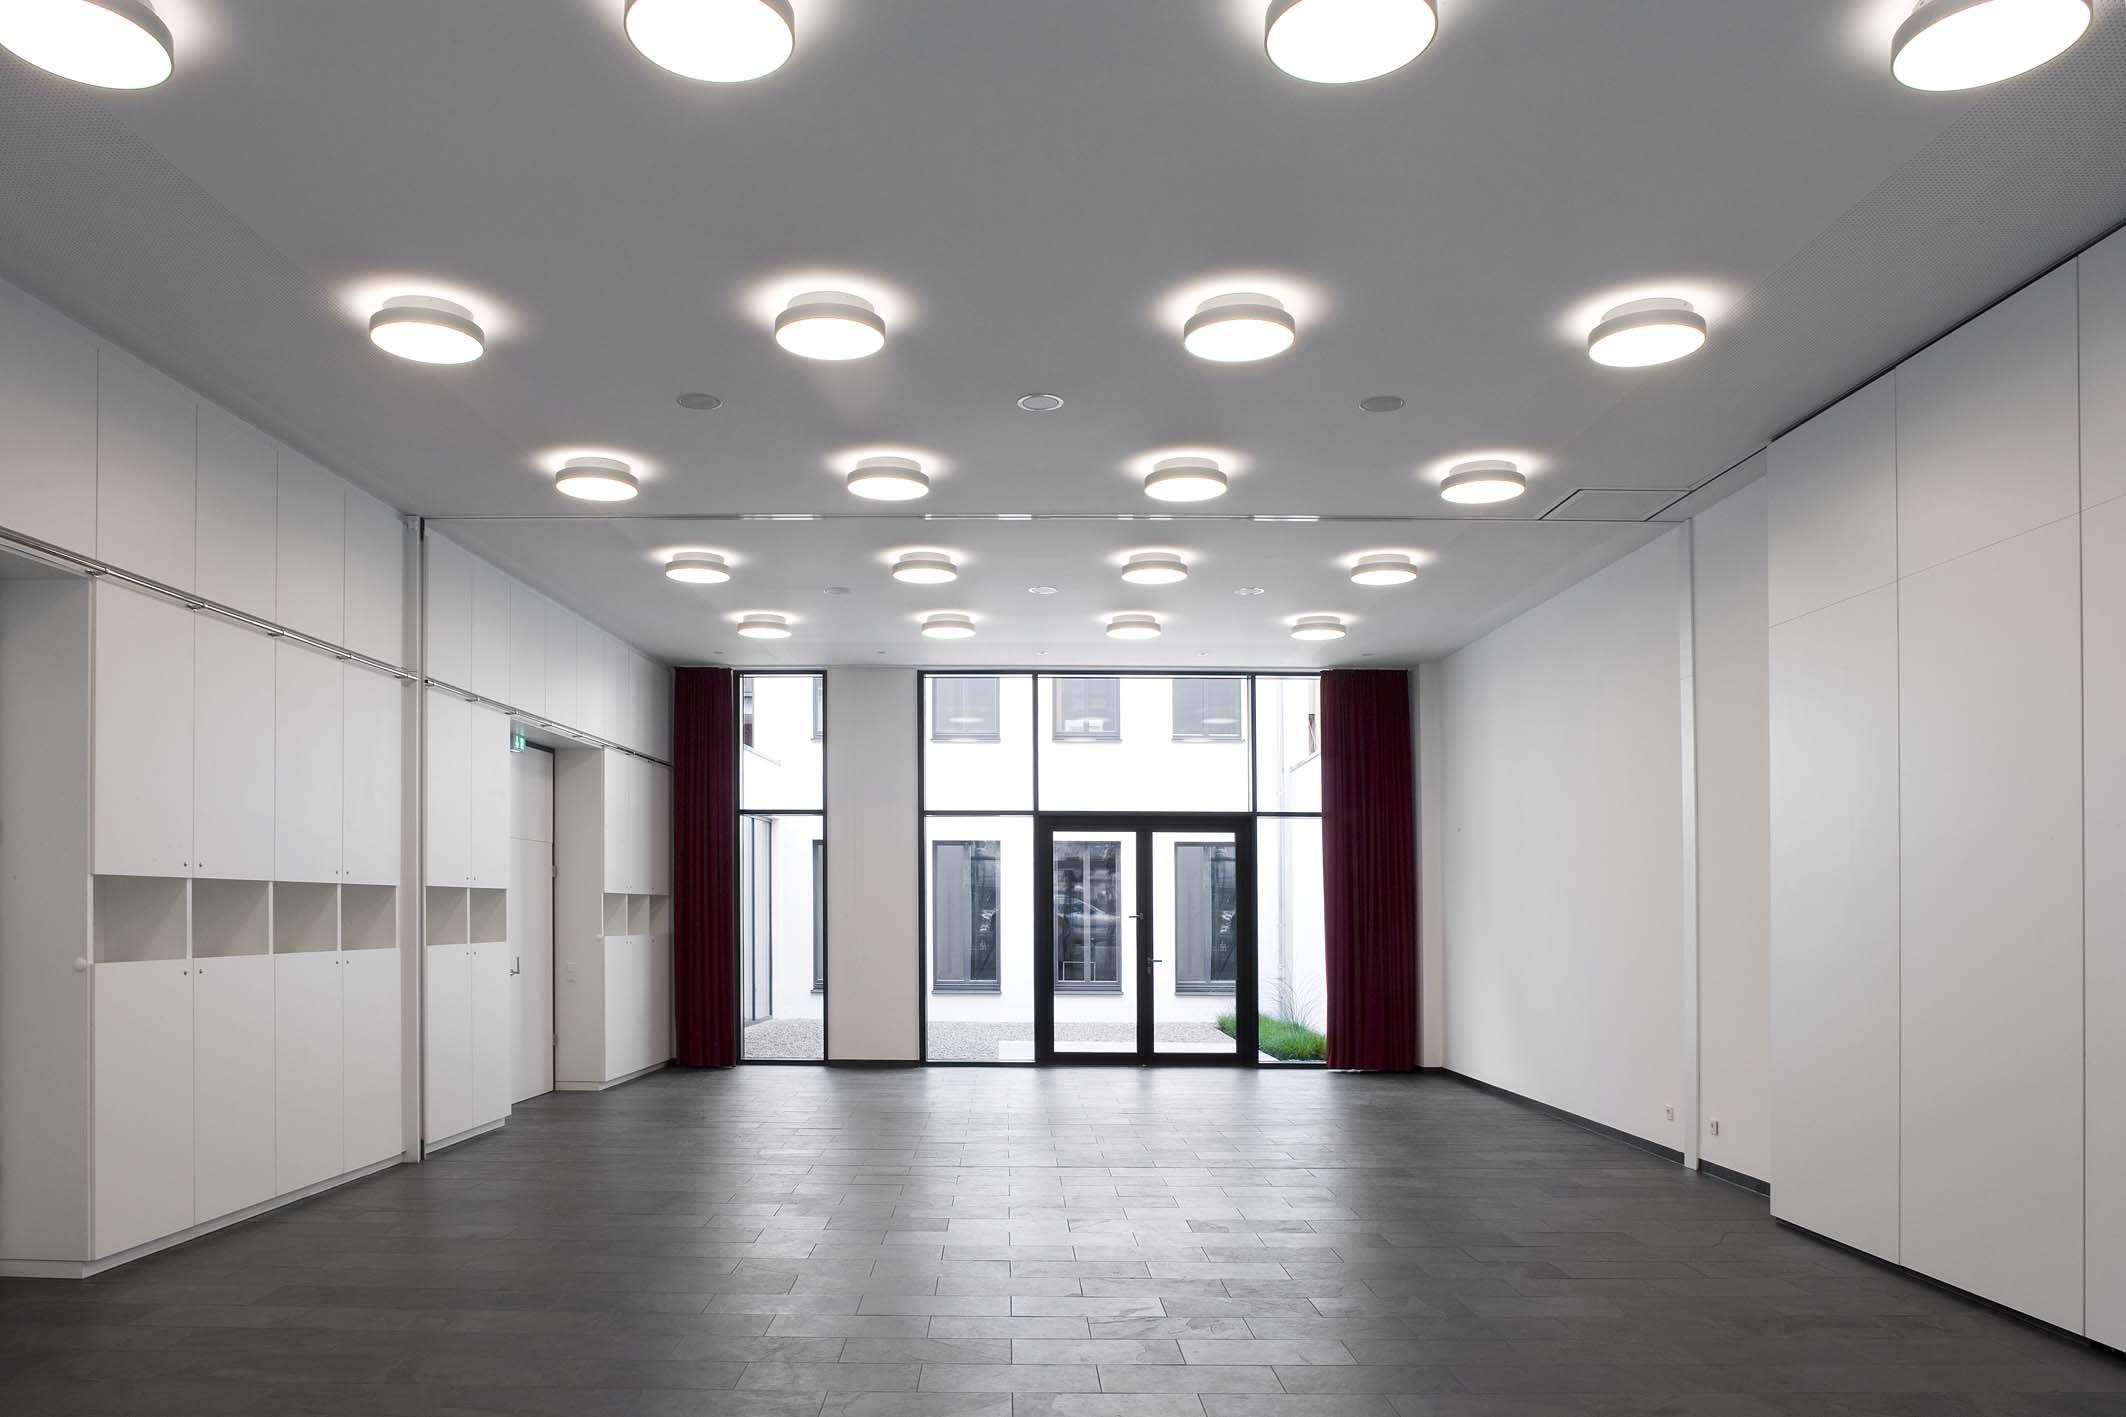 Schiefer | Schieferplatten | Arbeitsplatten Aus Schiefer | Treppen Schiefer Fliesen Wohnzimmer